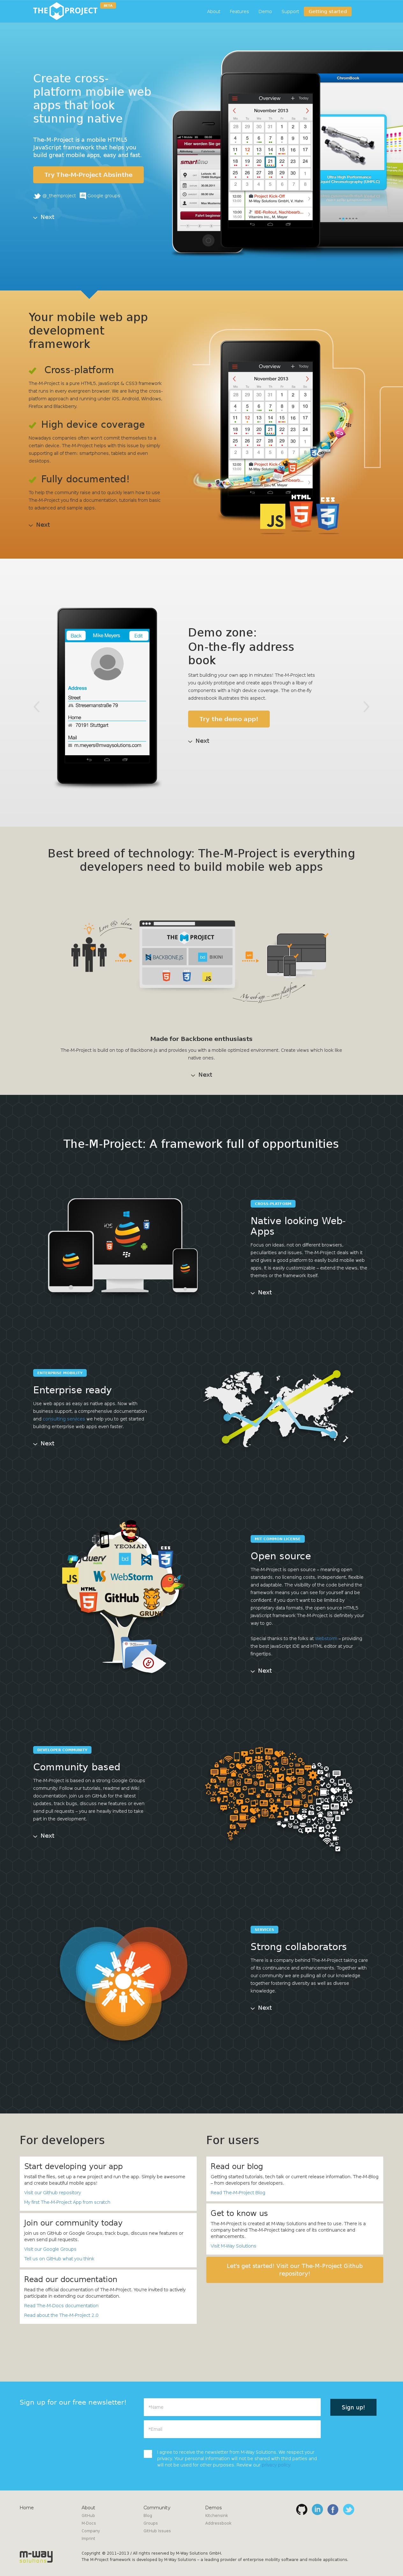 The M-Project framework Website Screenshot